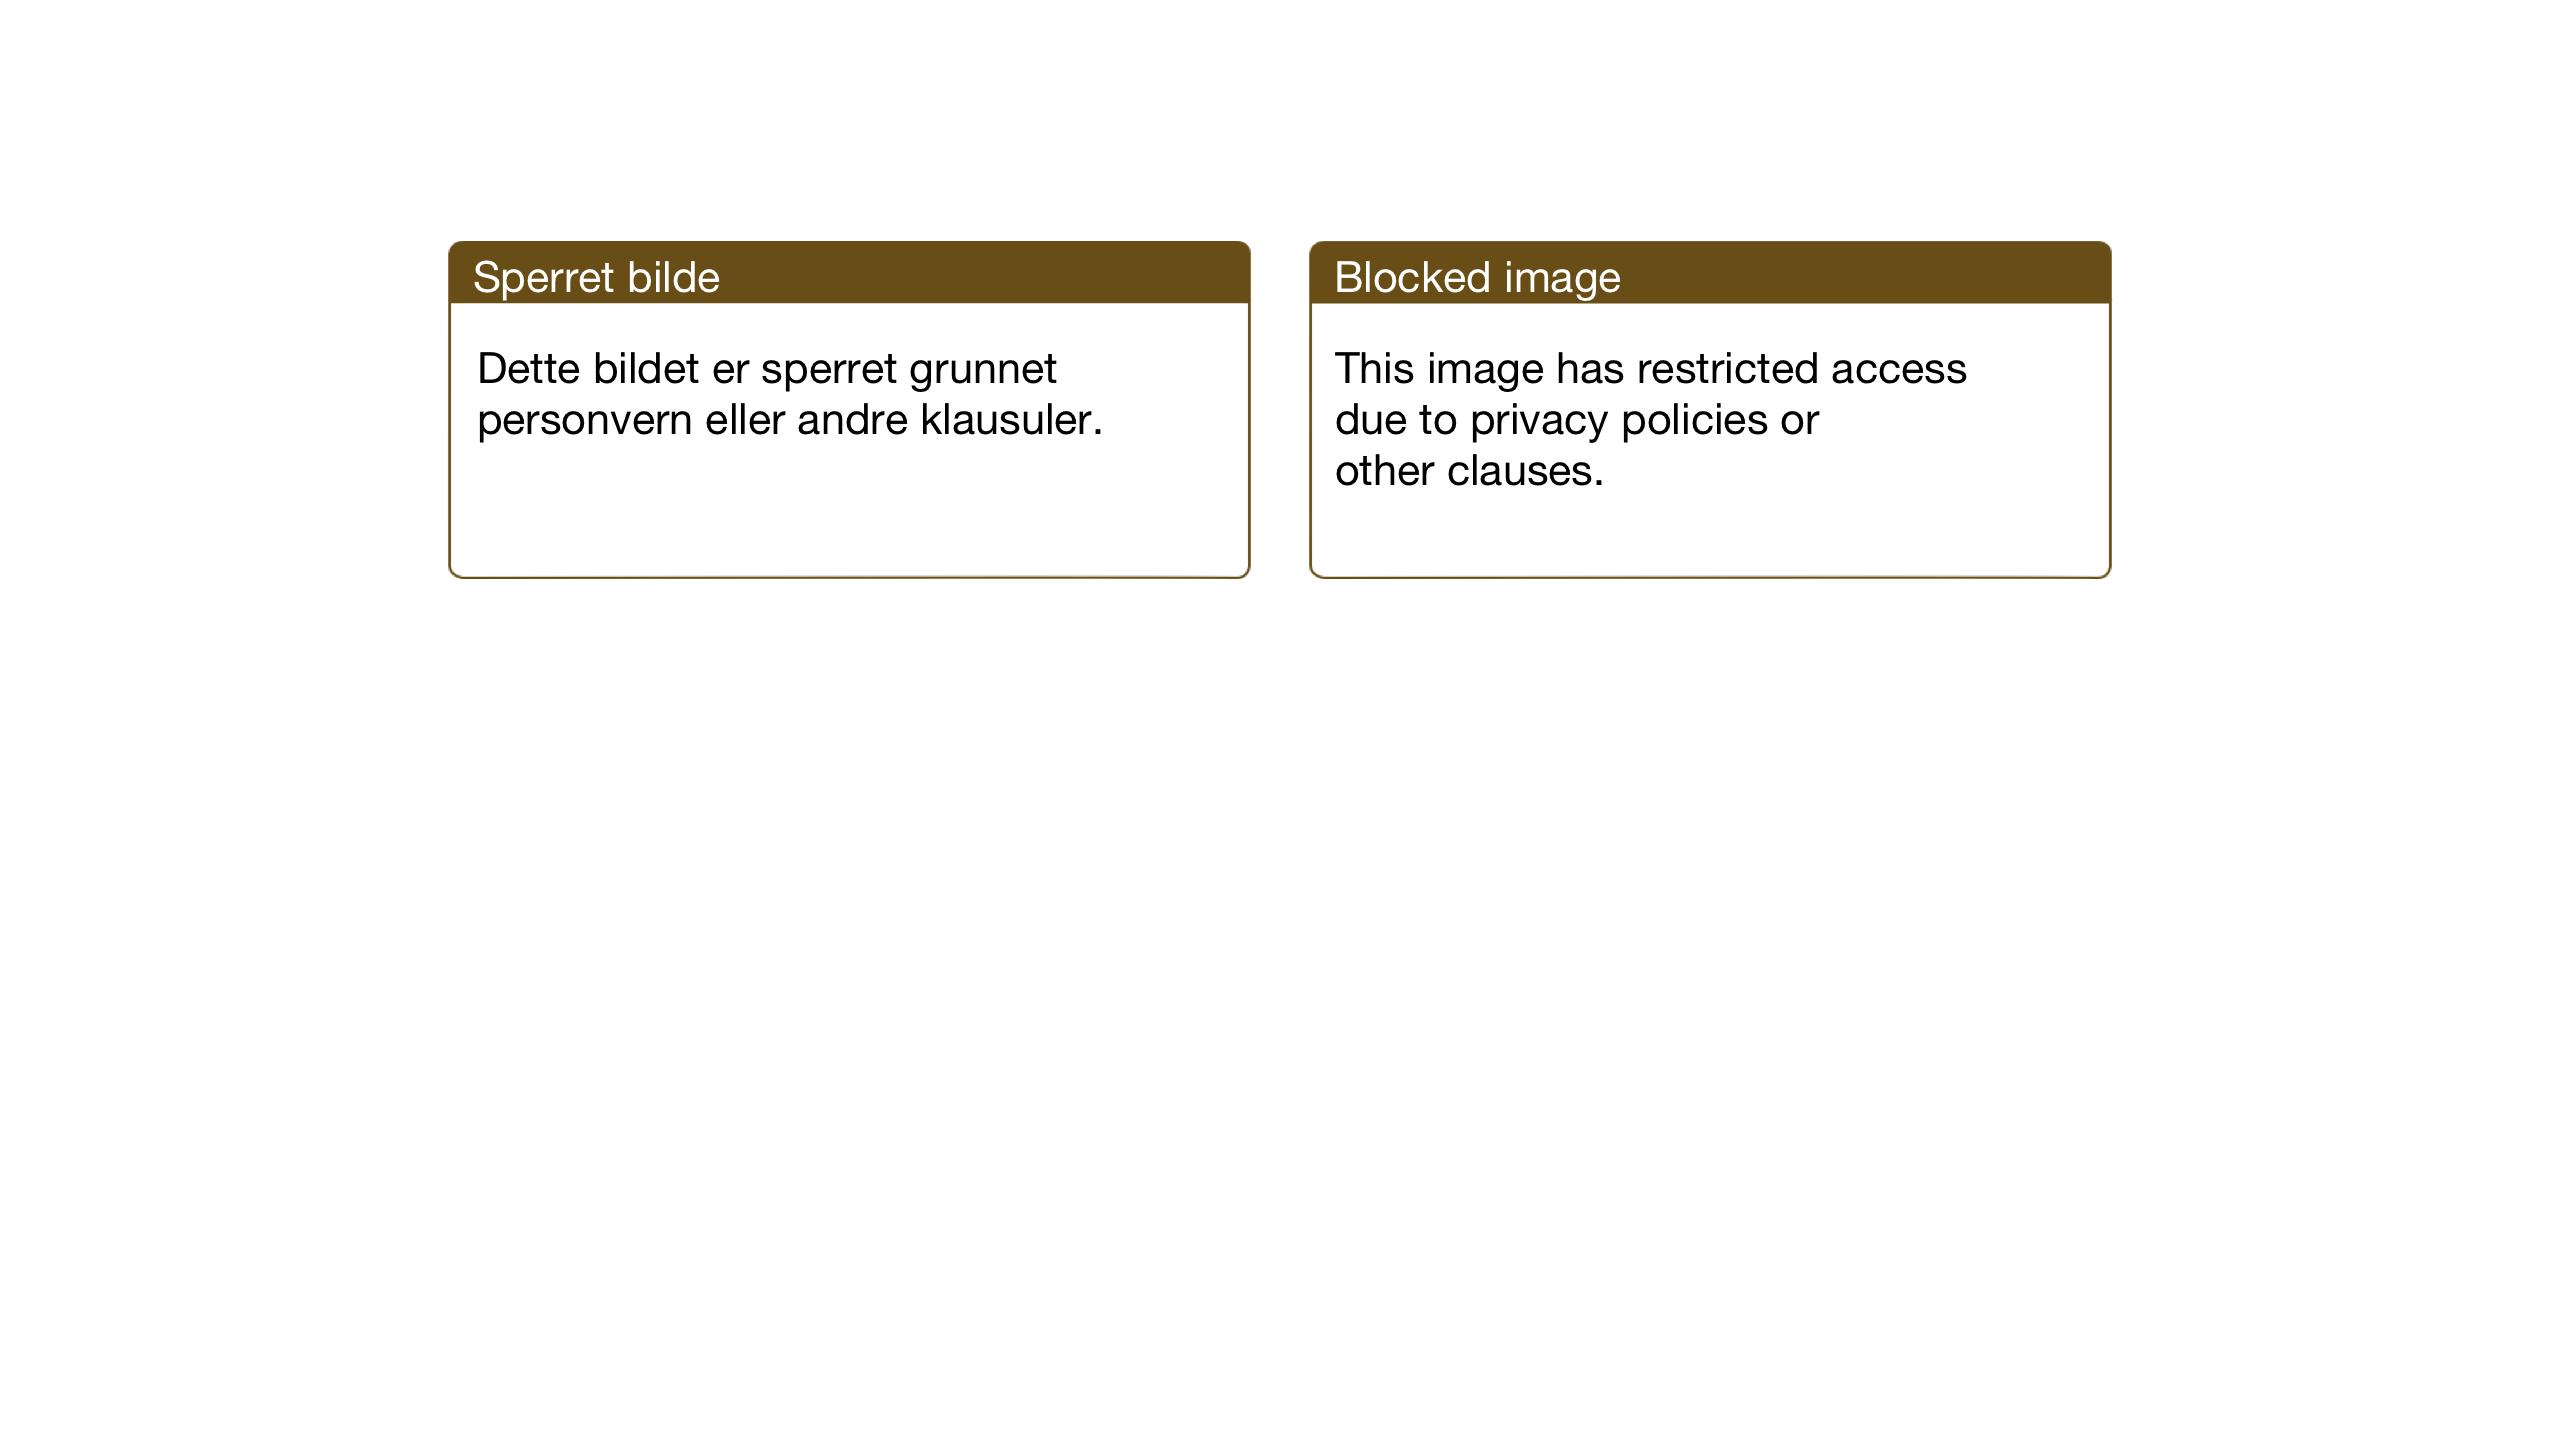 SAT, Ministerialprotokoller, klokkerbøker og fødselsregistre - Sør-Trøndelag, 681/L0944: Klokkerbok nr. 681C08, 1926-1954, s. 9